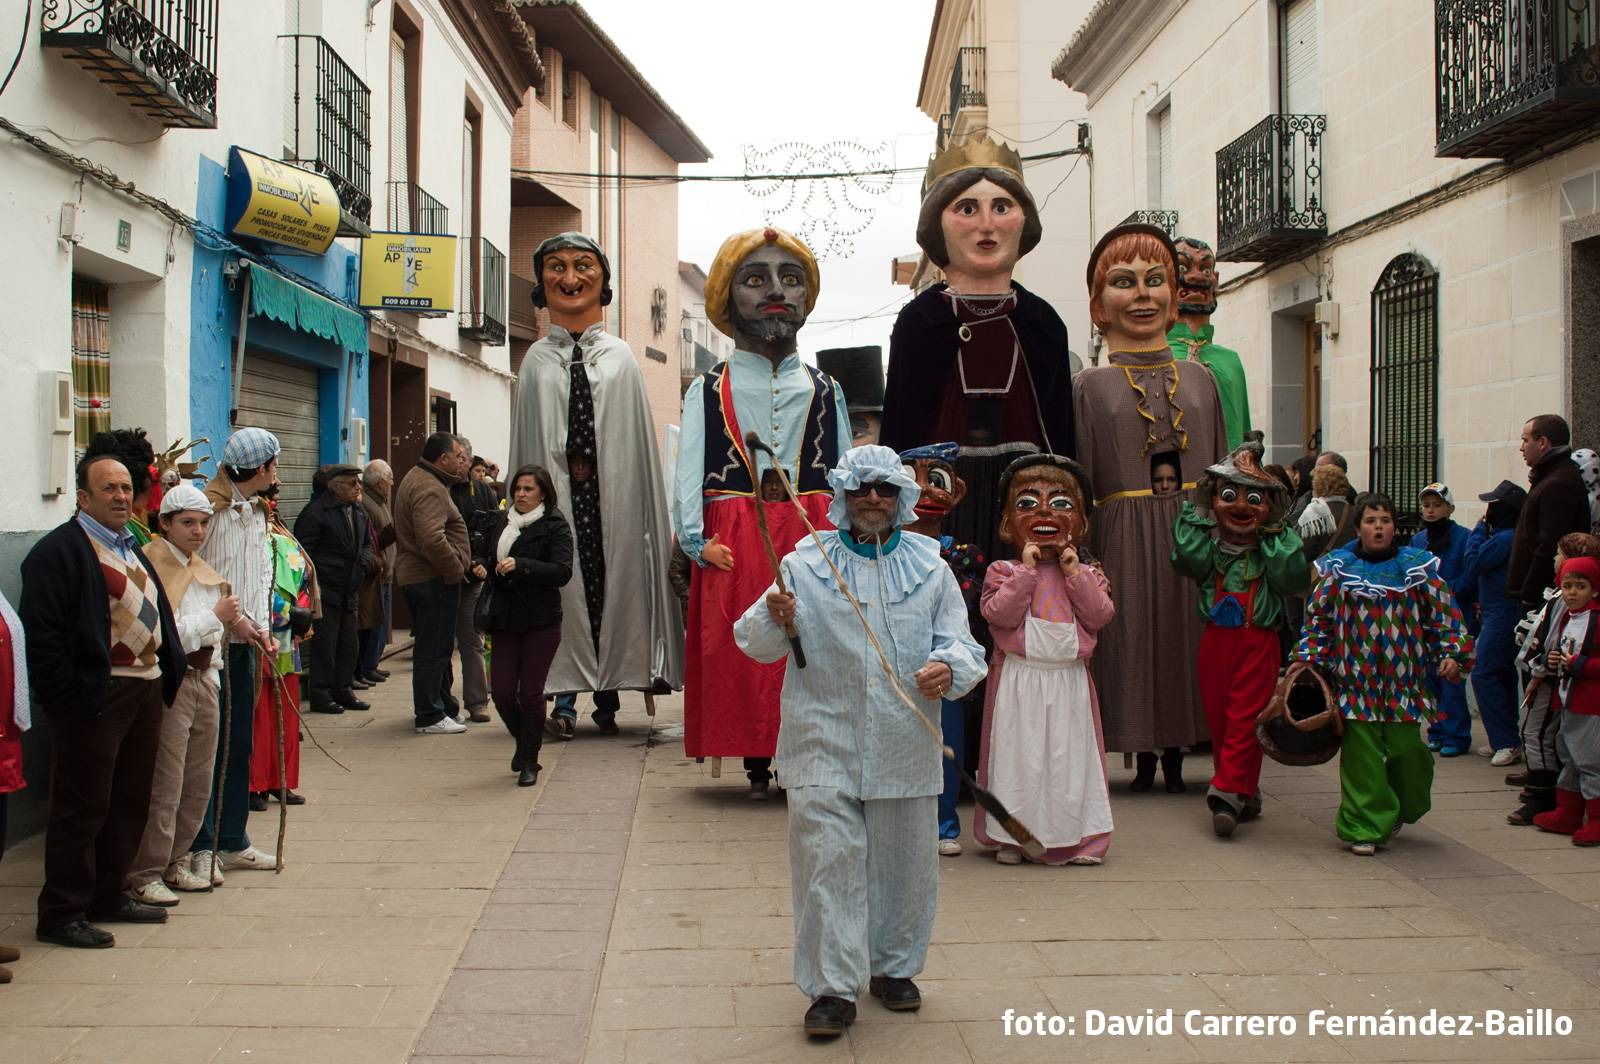 gigantes y perle carnaval de herencia2 - El Carnaval de Herencia en el mes de mayo